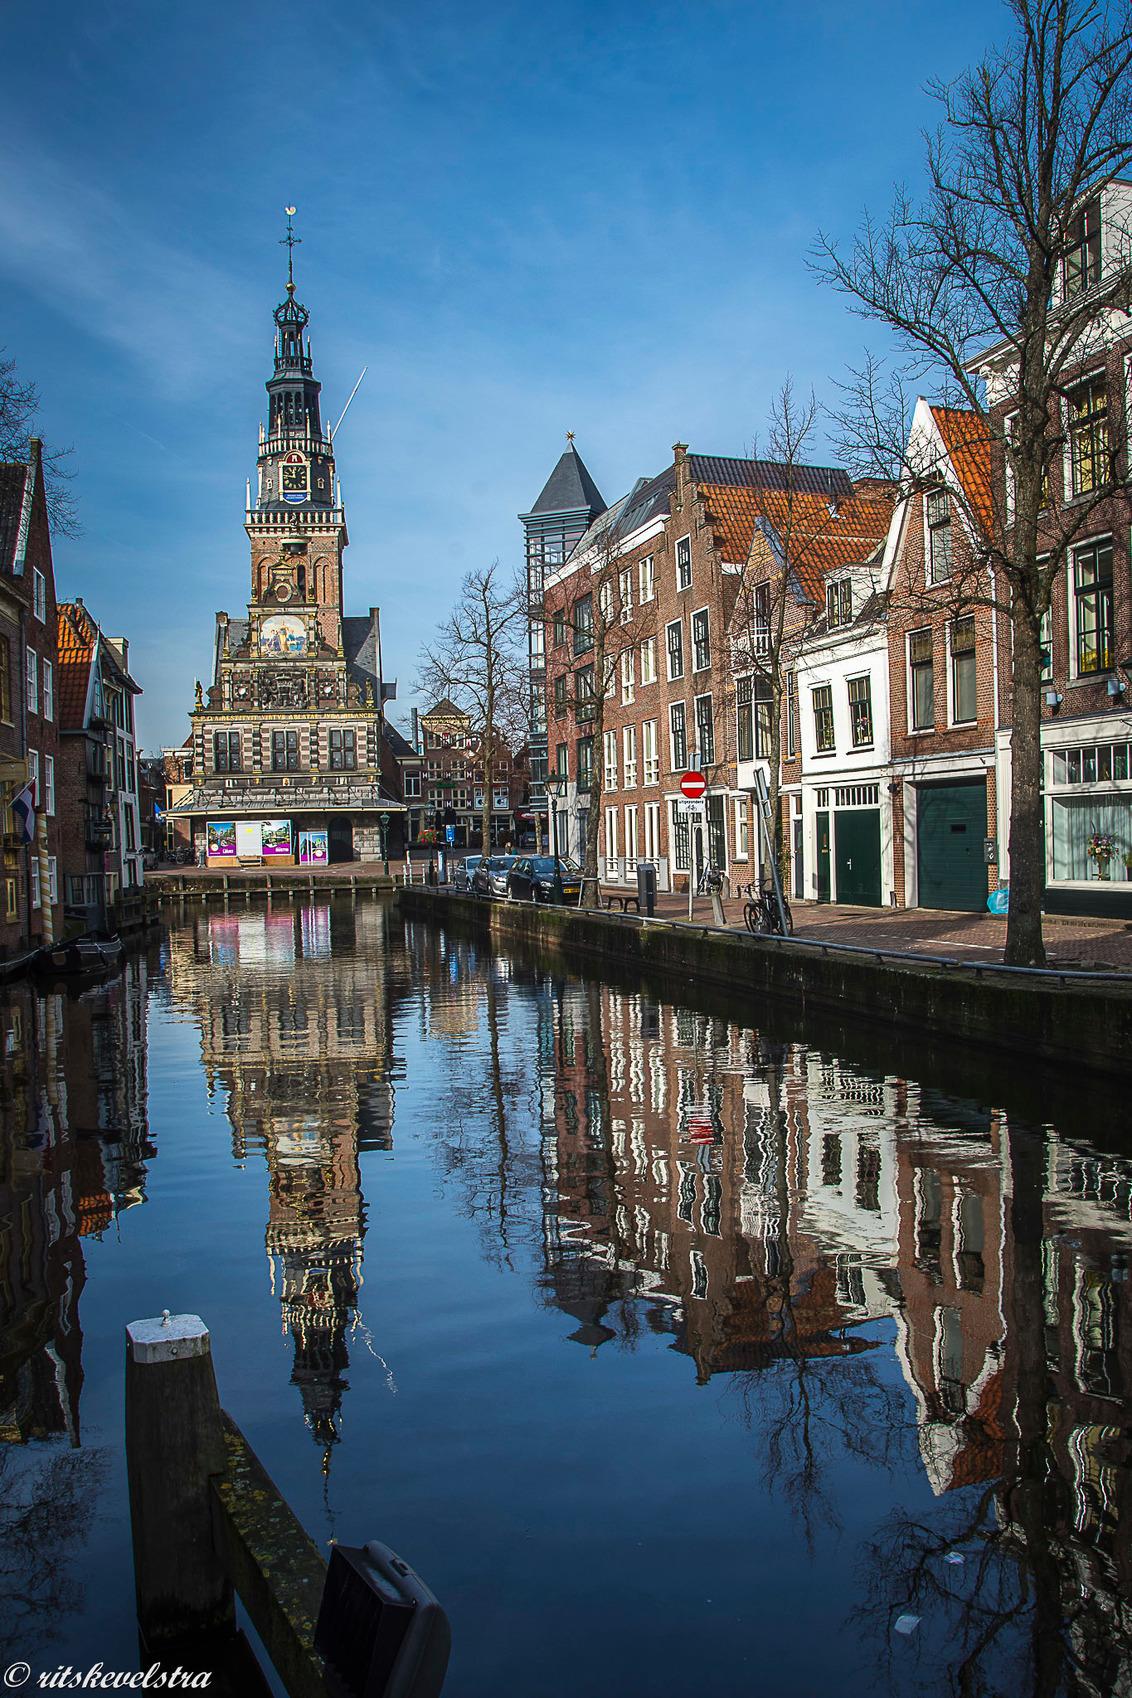 Gespiegelde Waag - na de winterse dagen even naar Alkmaar. De waag staat mooi afgetekend tegen een blauwe lucht. - foto door rits op 20-02-2021 - deze foto bevat: spiegeling, alkmaar, waag, blauwe lucht